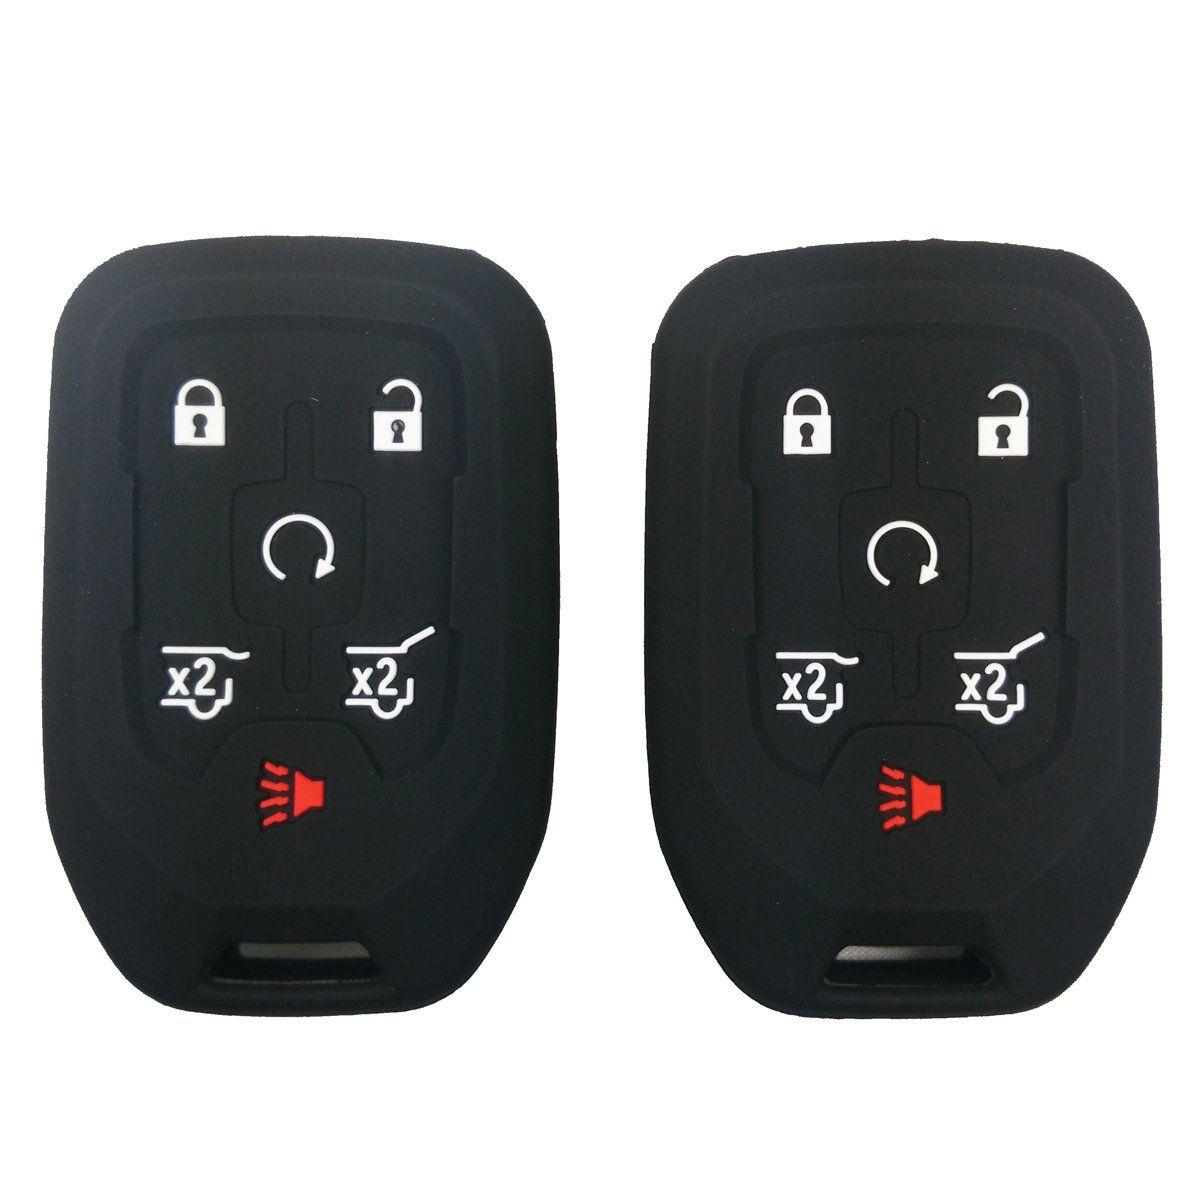 2pcs Coolbestda Silicone Smart Key Fob Cover Case Remote Skin